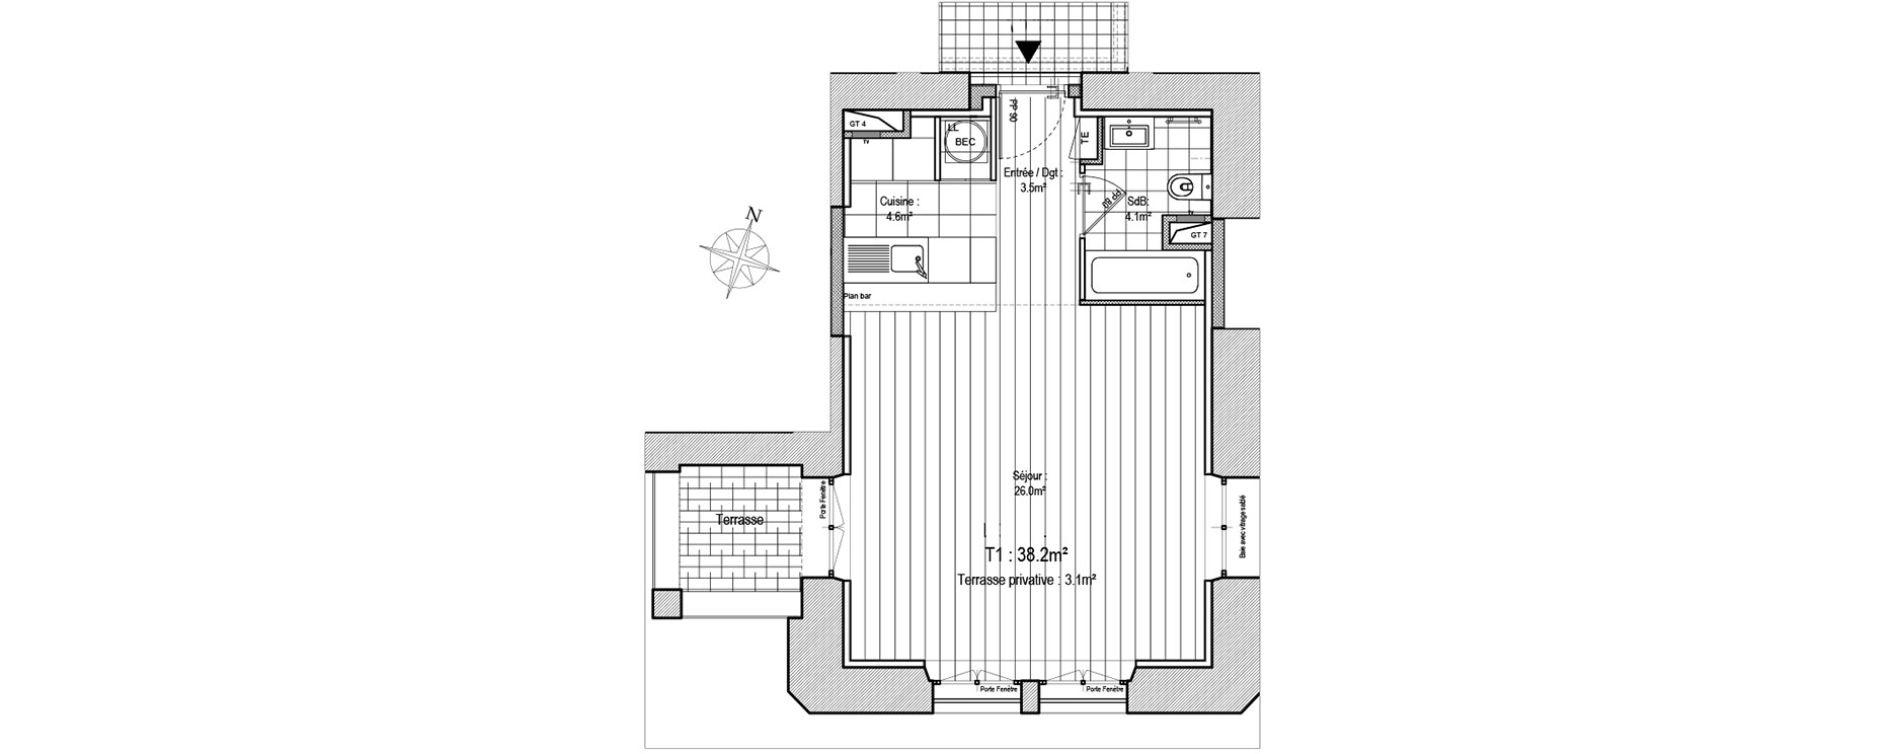 Appartement T1 de 38,20 m2 à Rennes Atalante beaulieu